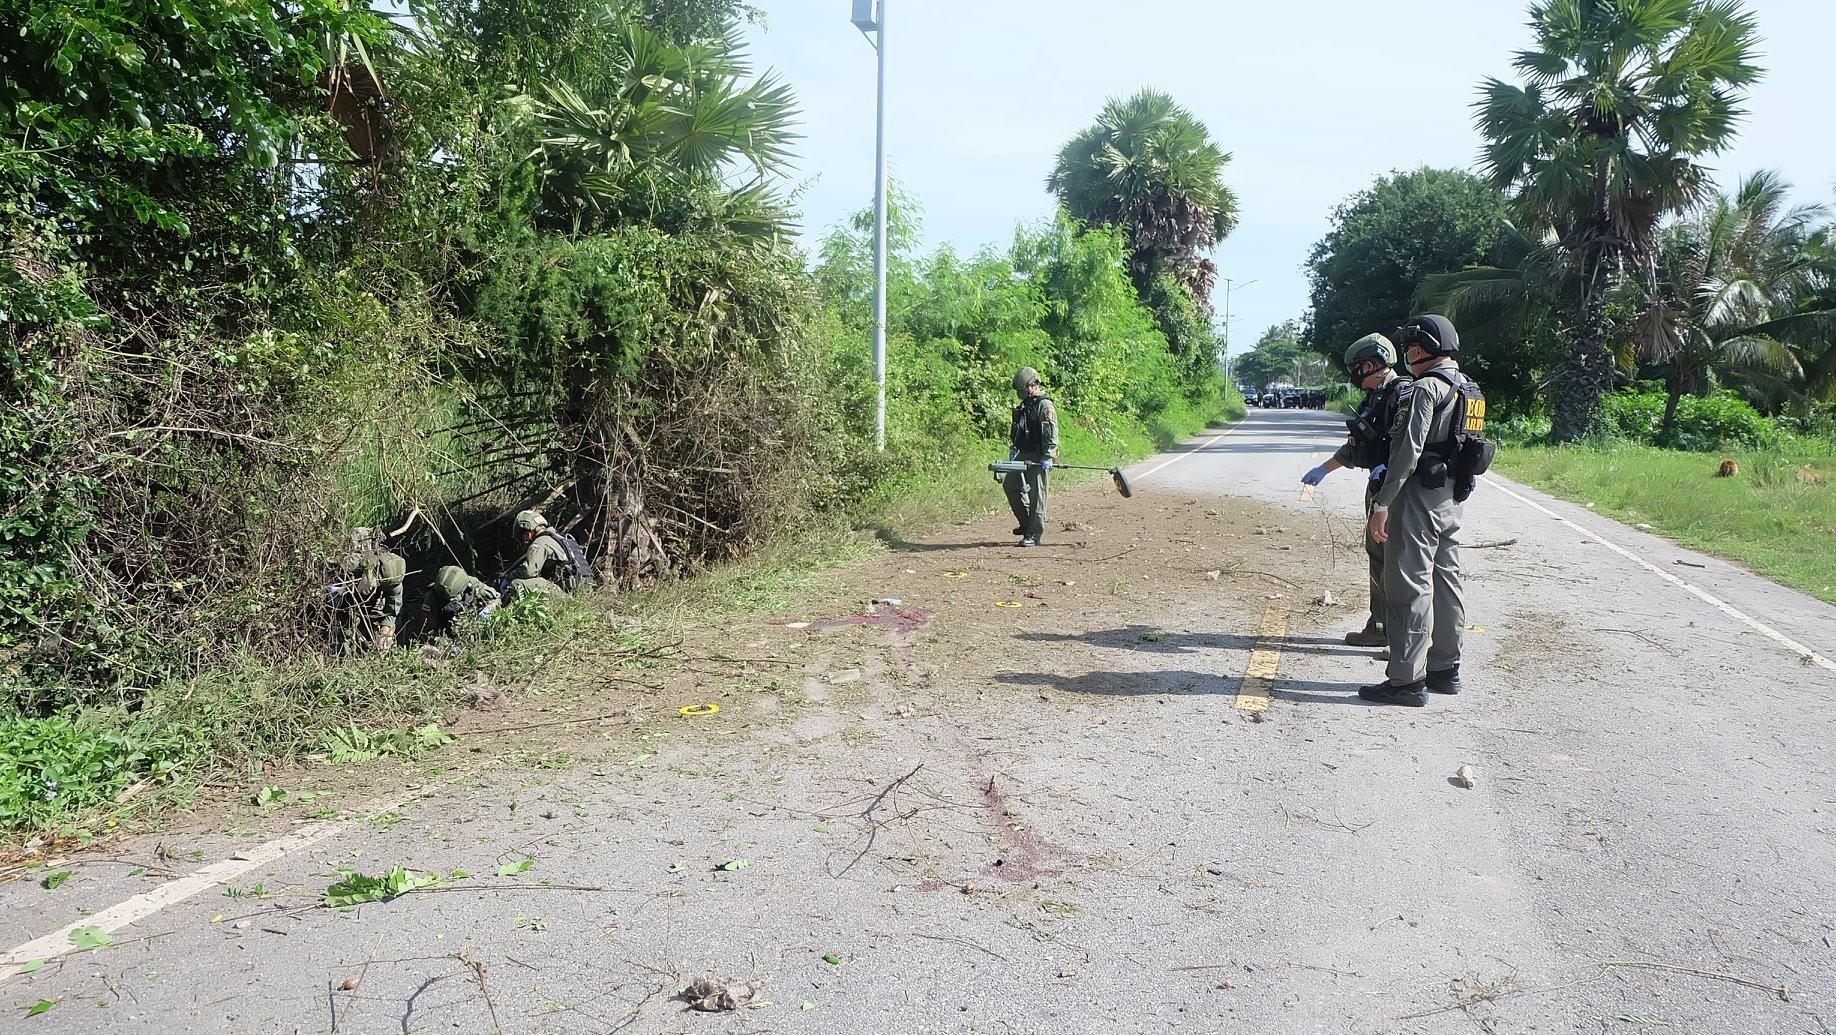 แม่ทัพภาคที่ 4 สั่งไล่ล่าคนร้าย หลังลอบวางระเบิดชุดคุ้มครองครูในพื้นที่ปัตตานี และนราธิวาส